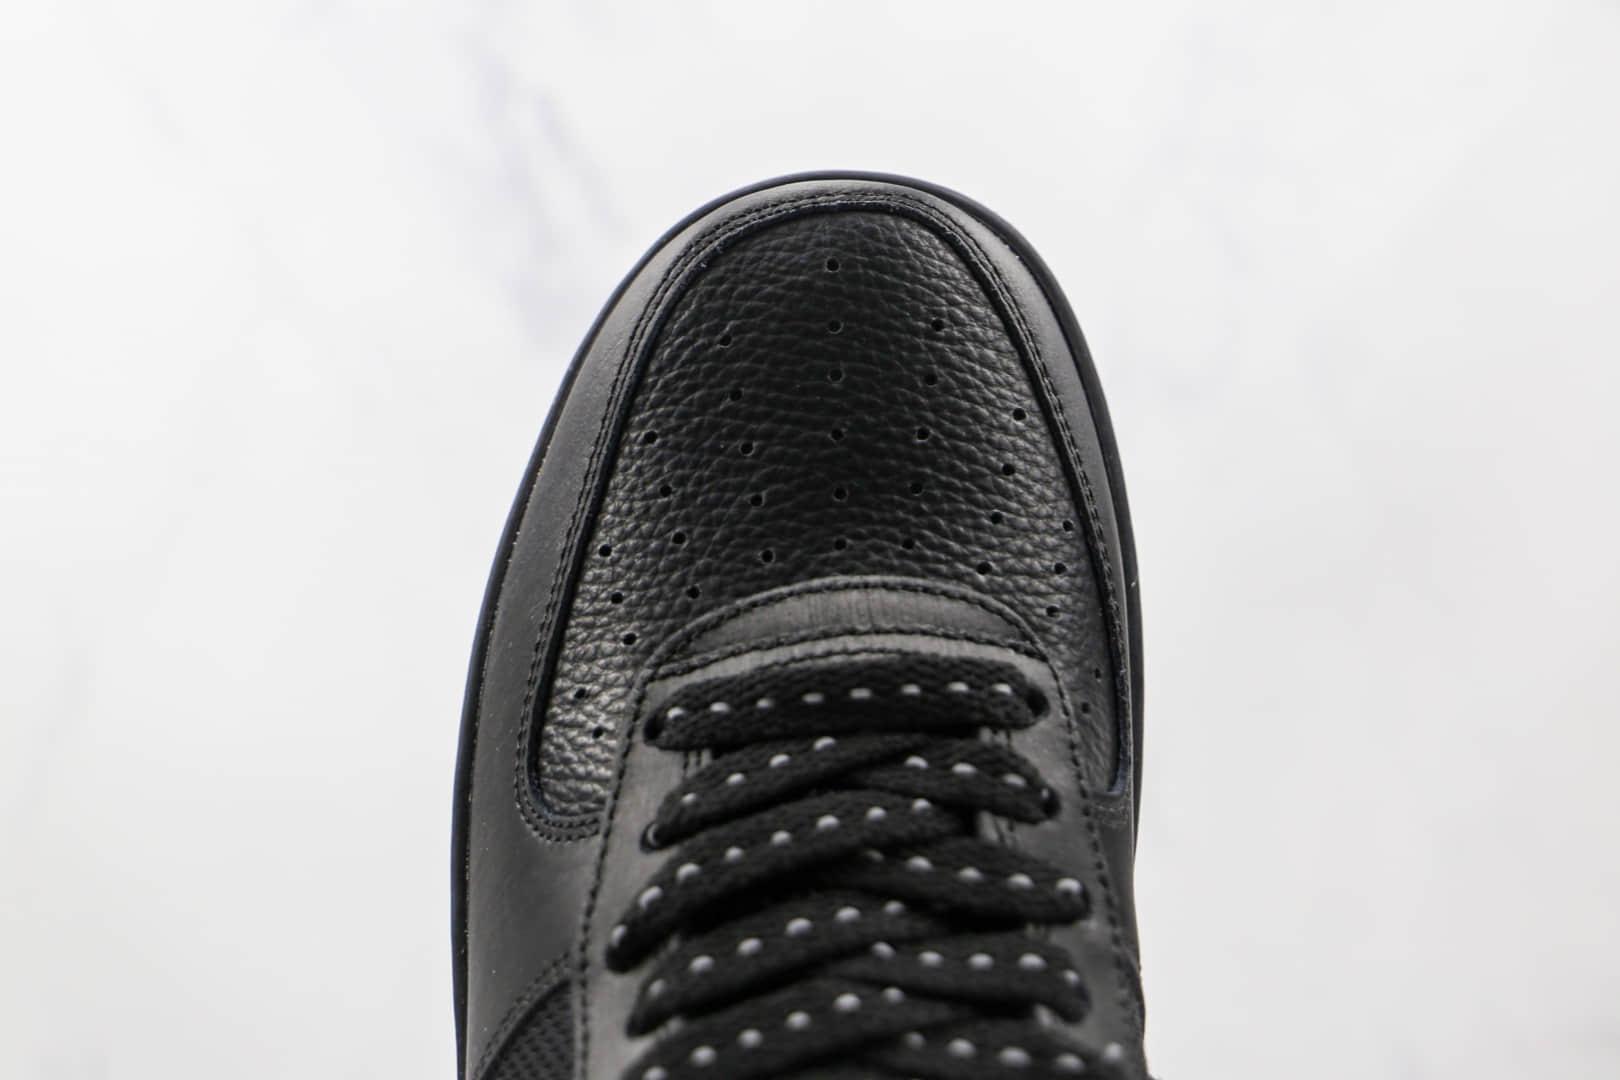 耐克Nike Air Force 1 Low纯原版本空军一号低帮AF1黑红3M反光原标原盒 货号:DO6389-001